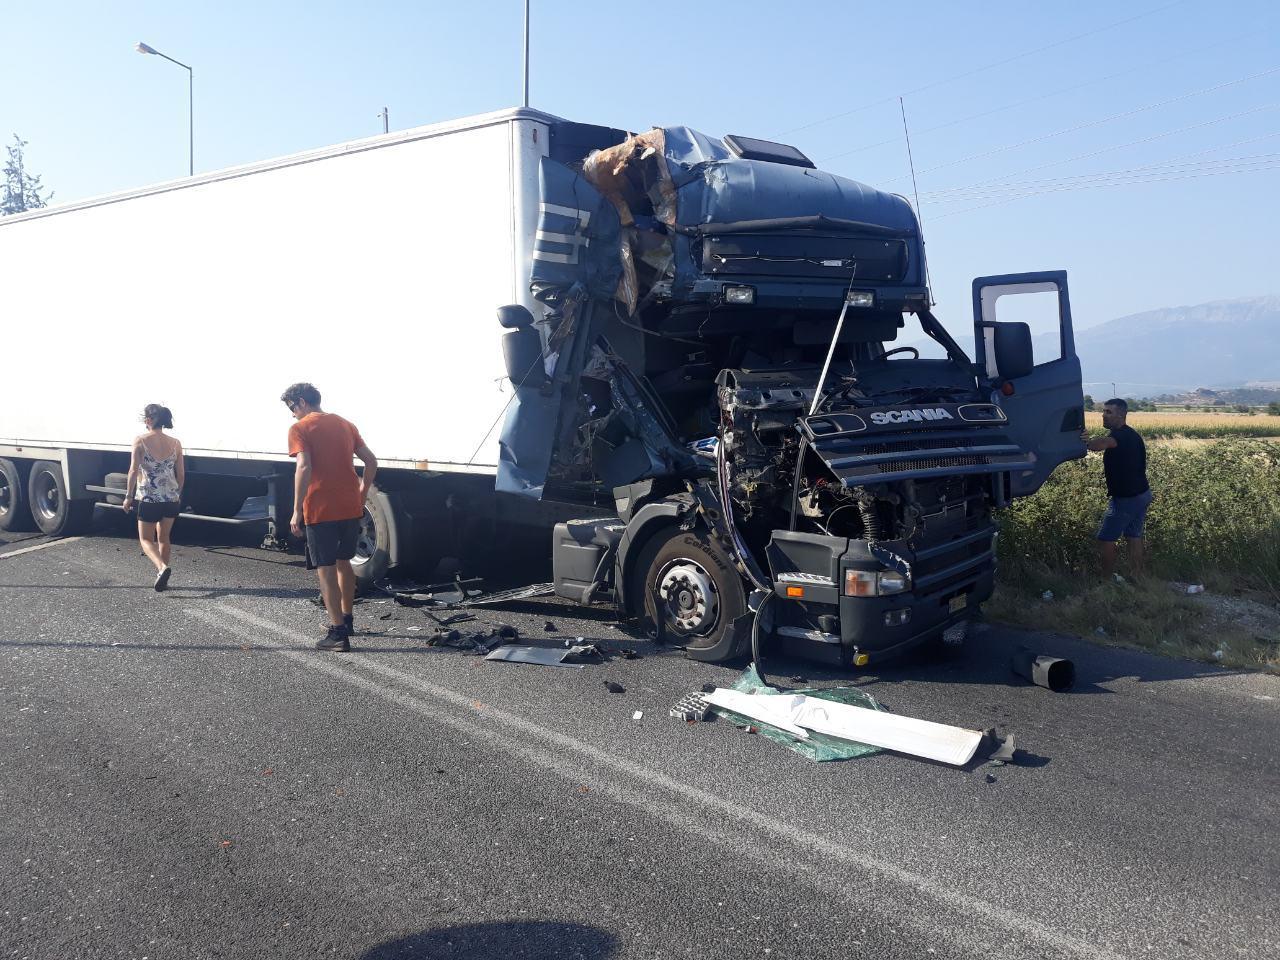 Φορτηγά συγκρούστηκαν στις σιδηροδρομικές γραμμές στη Θεόπετρα Τρικάλων